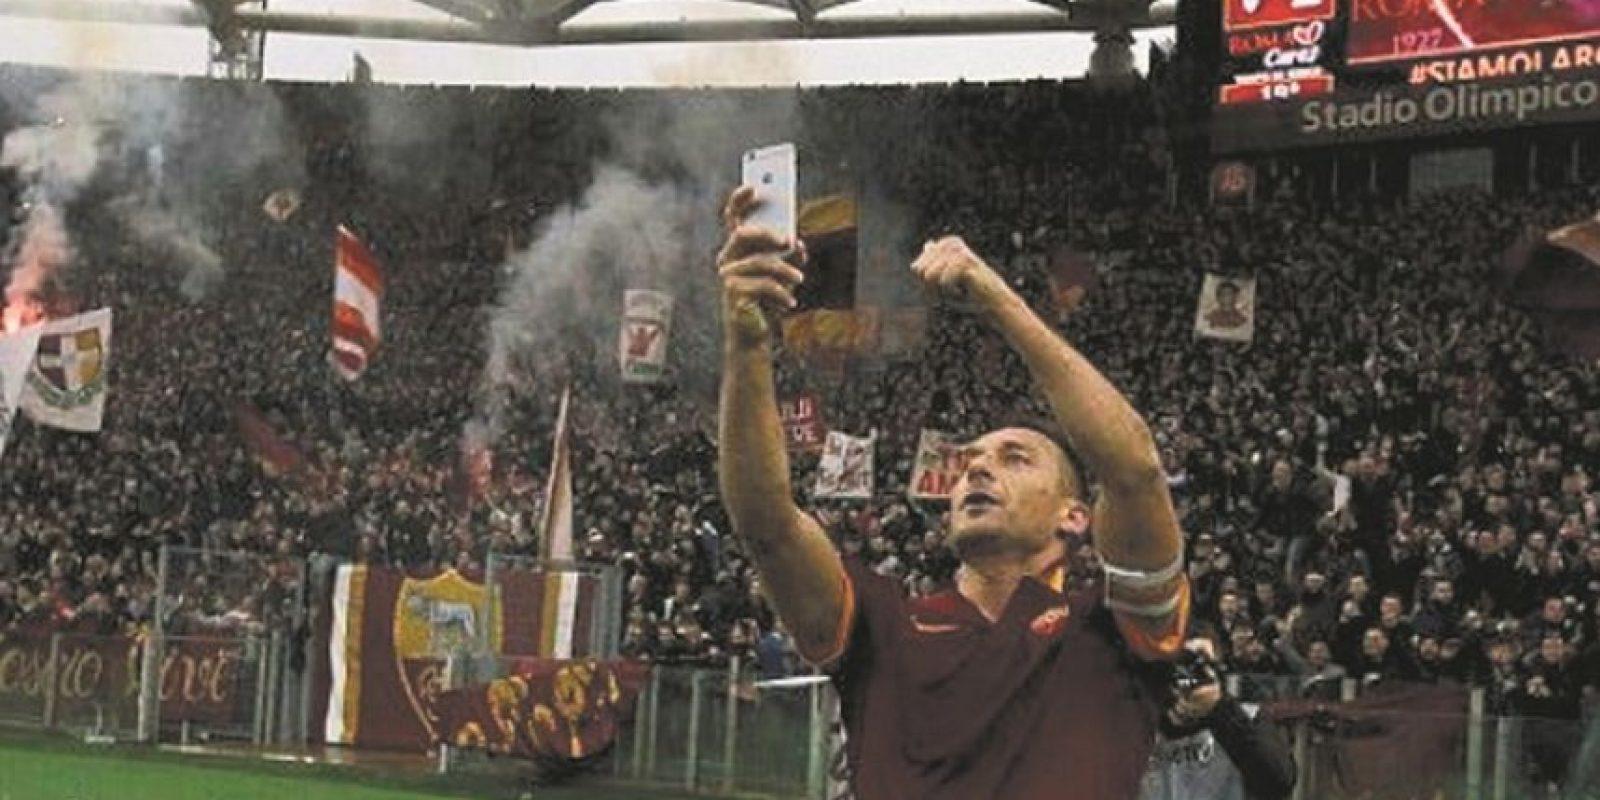 Totti con sus fanáticos. El 2015, Il Eterno Capitano anotó dos goles en el clásico ante Lazio y en el festejo del segundo tanto pidió prestado un dispositivo de telefonía móvil para retratar el momento junto a los tifosi de la Roma. Foto:Fuente externa